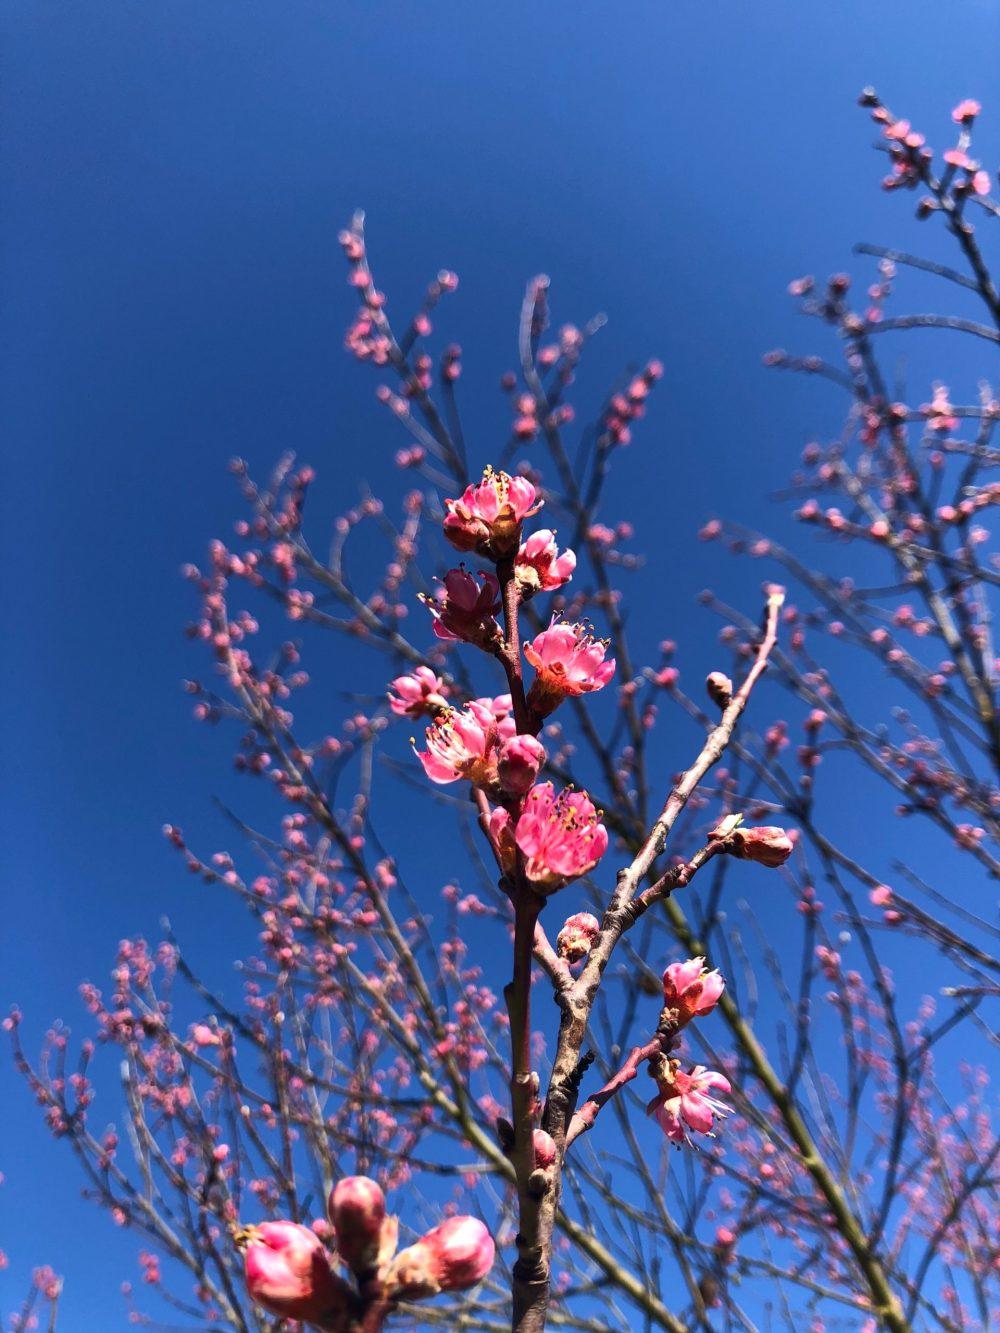 Zweig mit pinkfarbenen Blüten